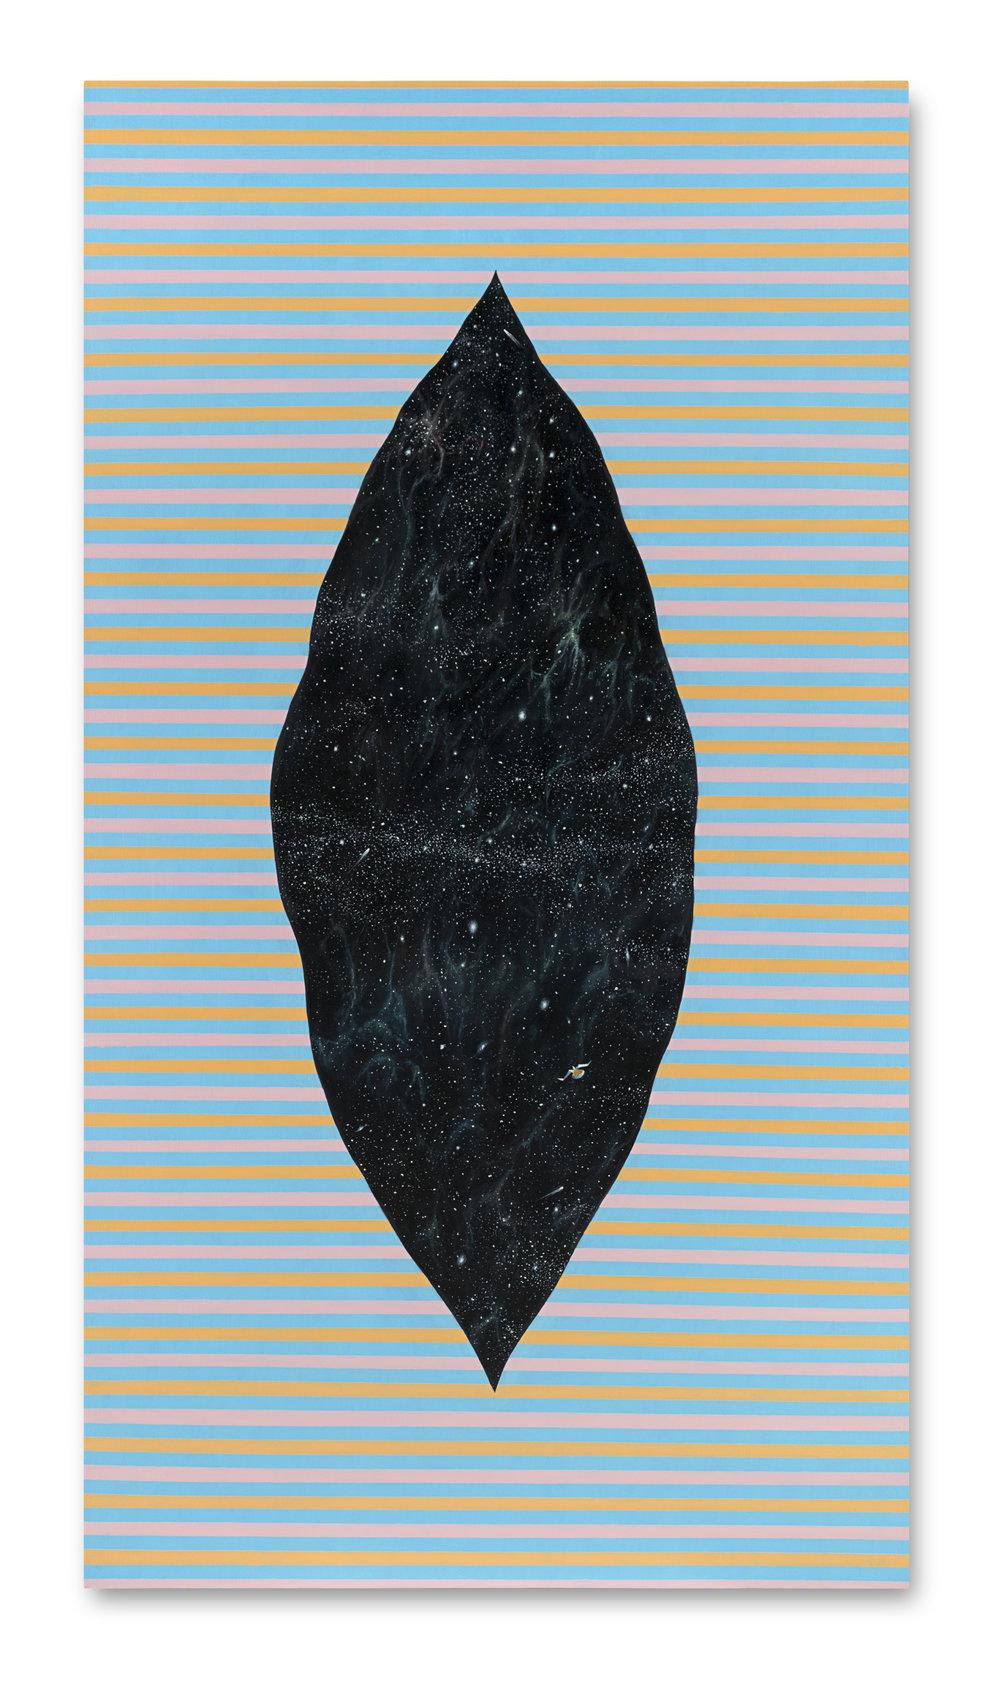 Nave en el espacio del espacio ,  2016, Oil and gold leaf on canvas, 185 x 100 cm